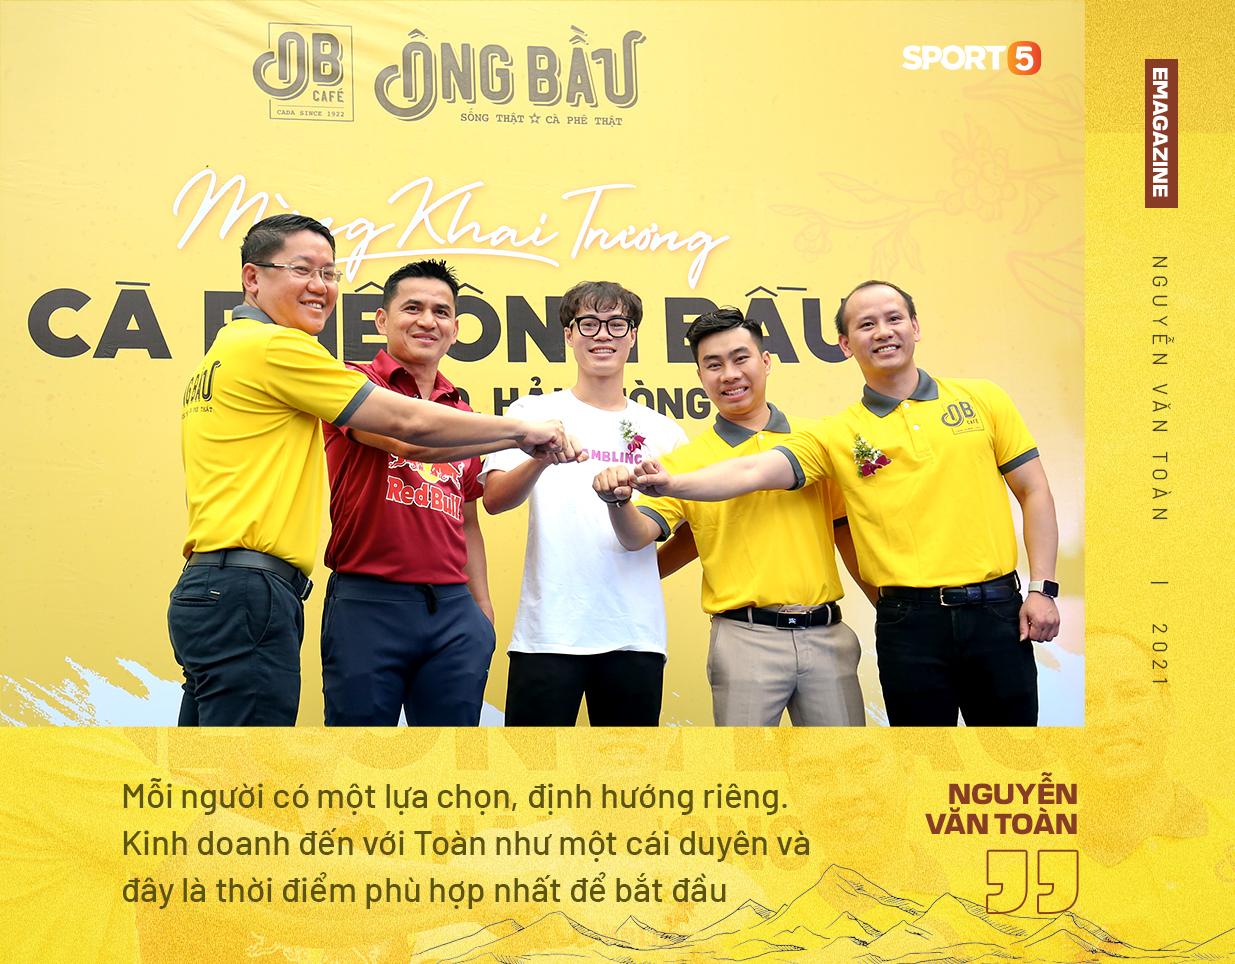 """Nguyễn Văn Toàn: """"Tôi muốn được nhớ đến là một cầu thủ thành công, và doanh nhân thành đạt""""  - Ảnh 1."""